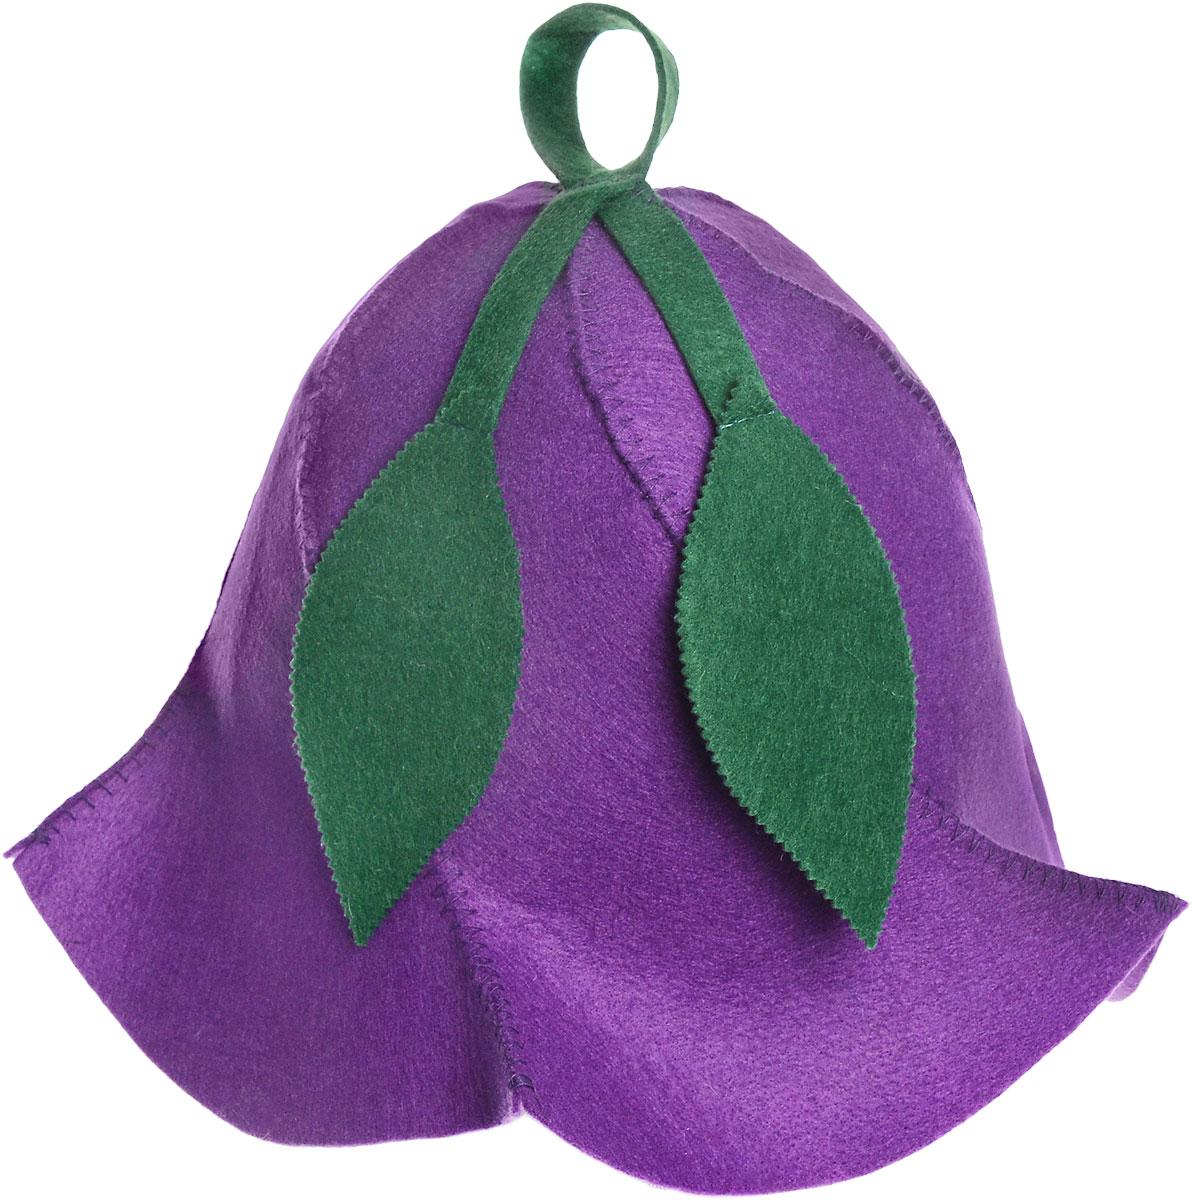 Шапка для бани и сауны Доктор баня Вьюнок, цвет: фиолетовый905245_фиолетовыйШапка для бани и сауны Доктор баня Вьюнок изготовлена из фильца (100% полиэстер) - нетканого полотна. Это незаменимый аксессуар для любителей попариться в русской бане и для тех, кто предпочитает сухой жар финской бани. Необычный дизайн изделия поможет сделать ваш отдых приятным и разнообразным, к тому же шапка защитит вас от головокружения в парилке, ваши волосы - от сухости и ломкости, а голову - от перегрева. Такая шапка станет отличным подарком для любителей отдыха в бане или сауне. Диаметр основания шапки: 31 см. Высота шапки: 26 см.